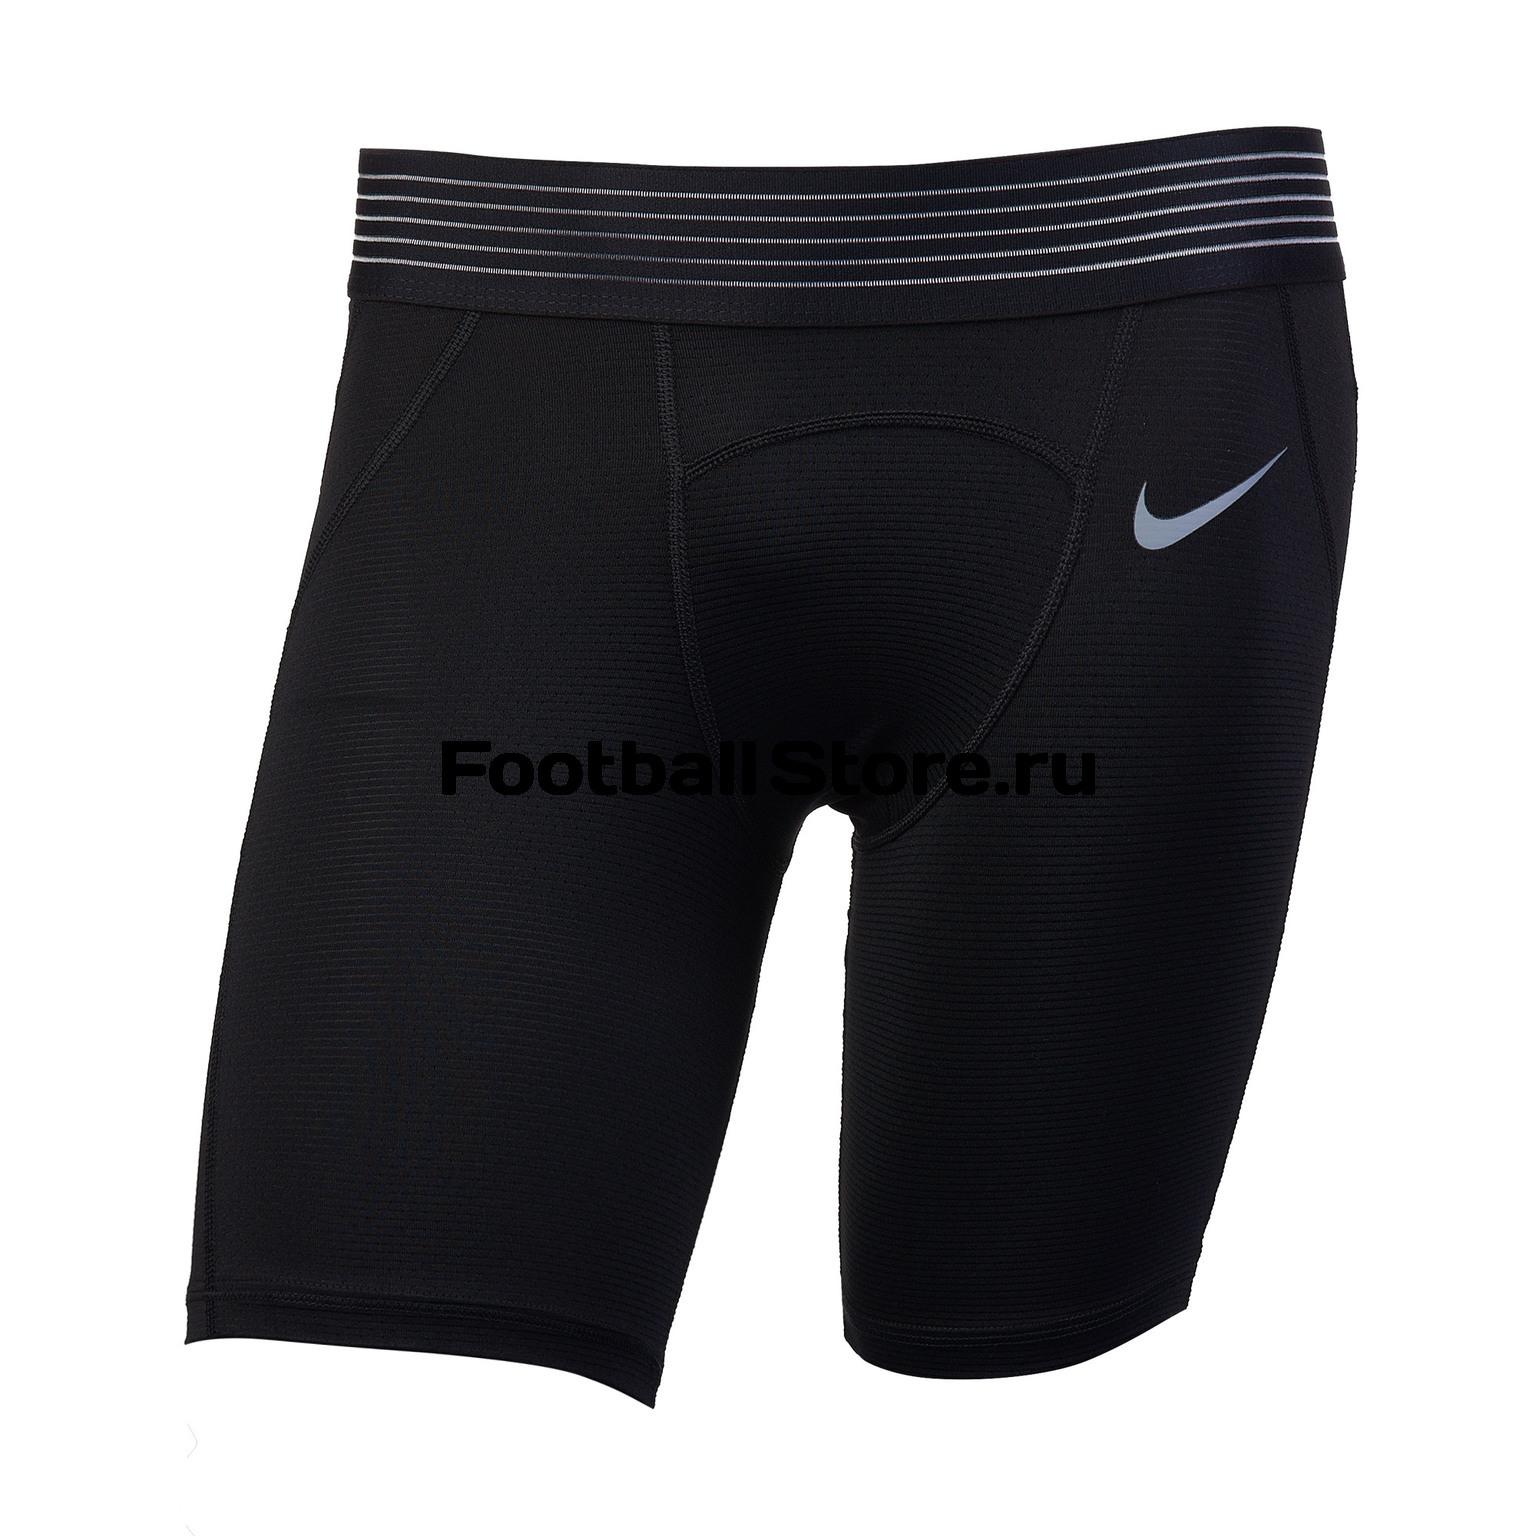 Белье шорты Nike GFA 927205-010 одежда для гольфа nike 639790 101 010 089 639790